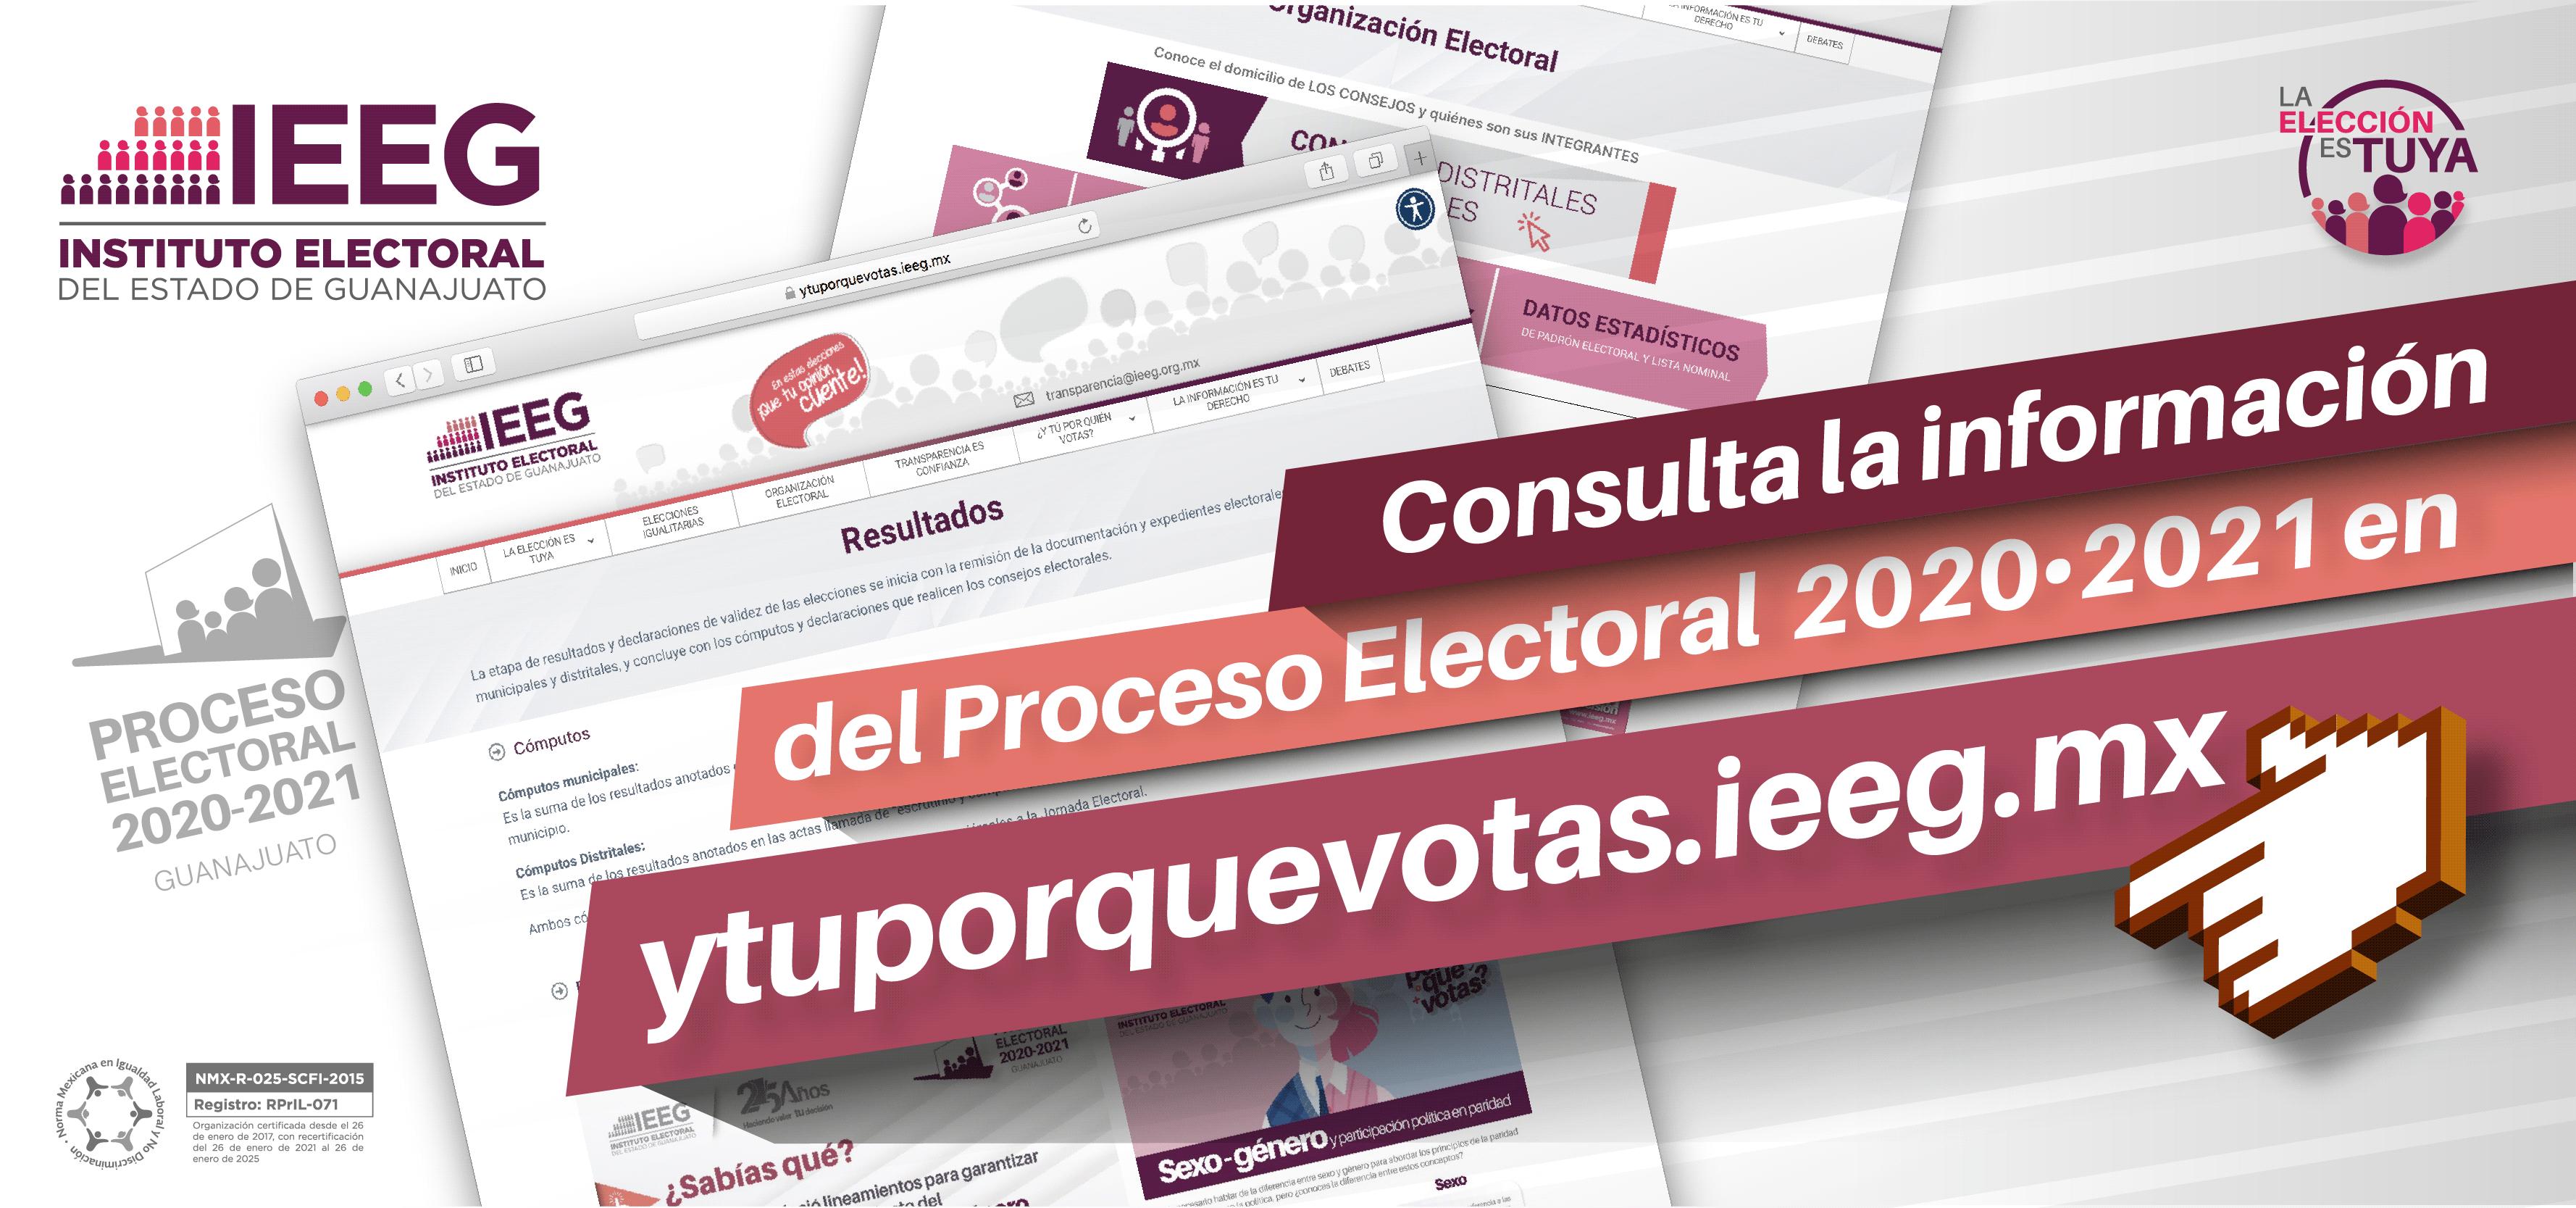 Conoce todo sobre el proceso electoral 2020-2021